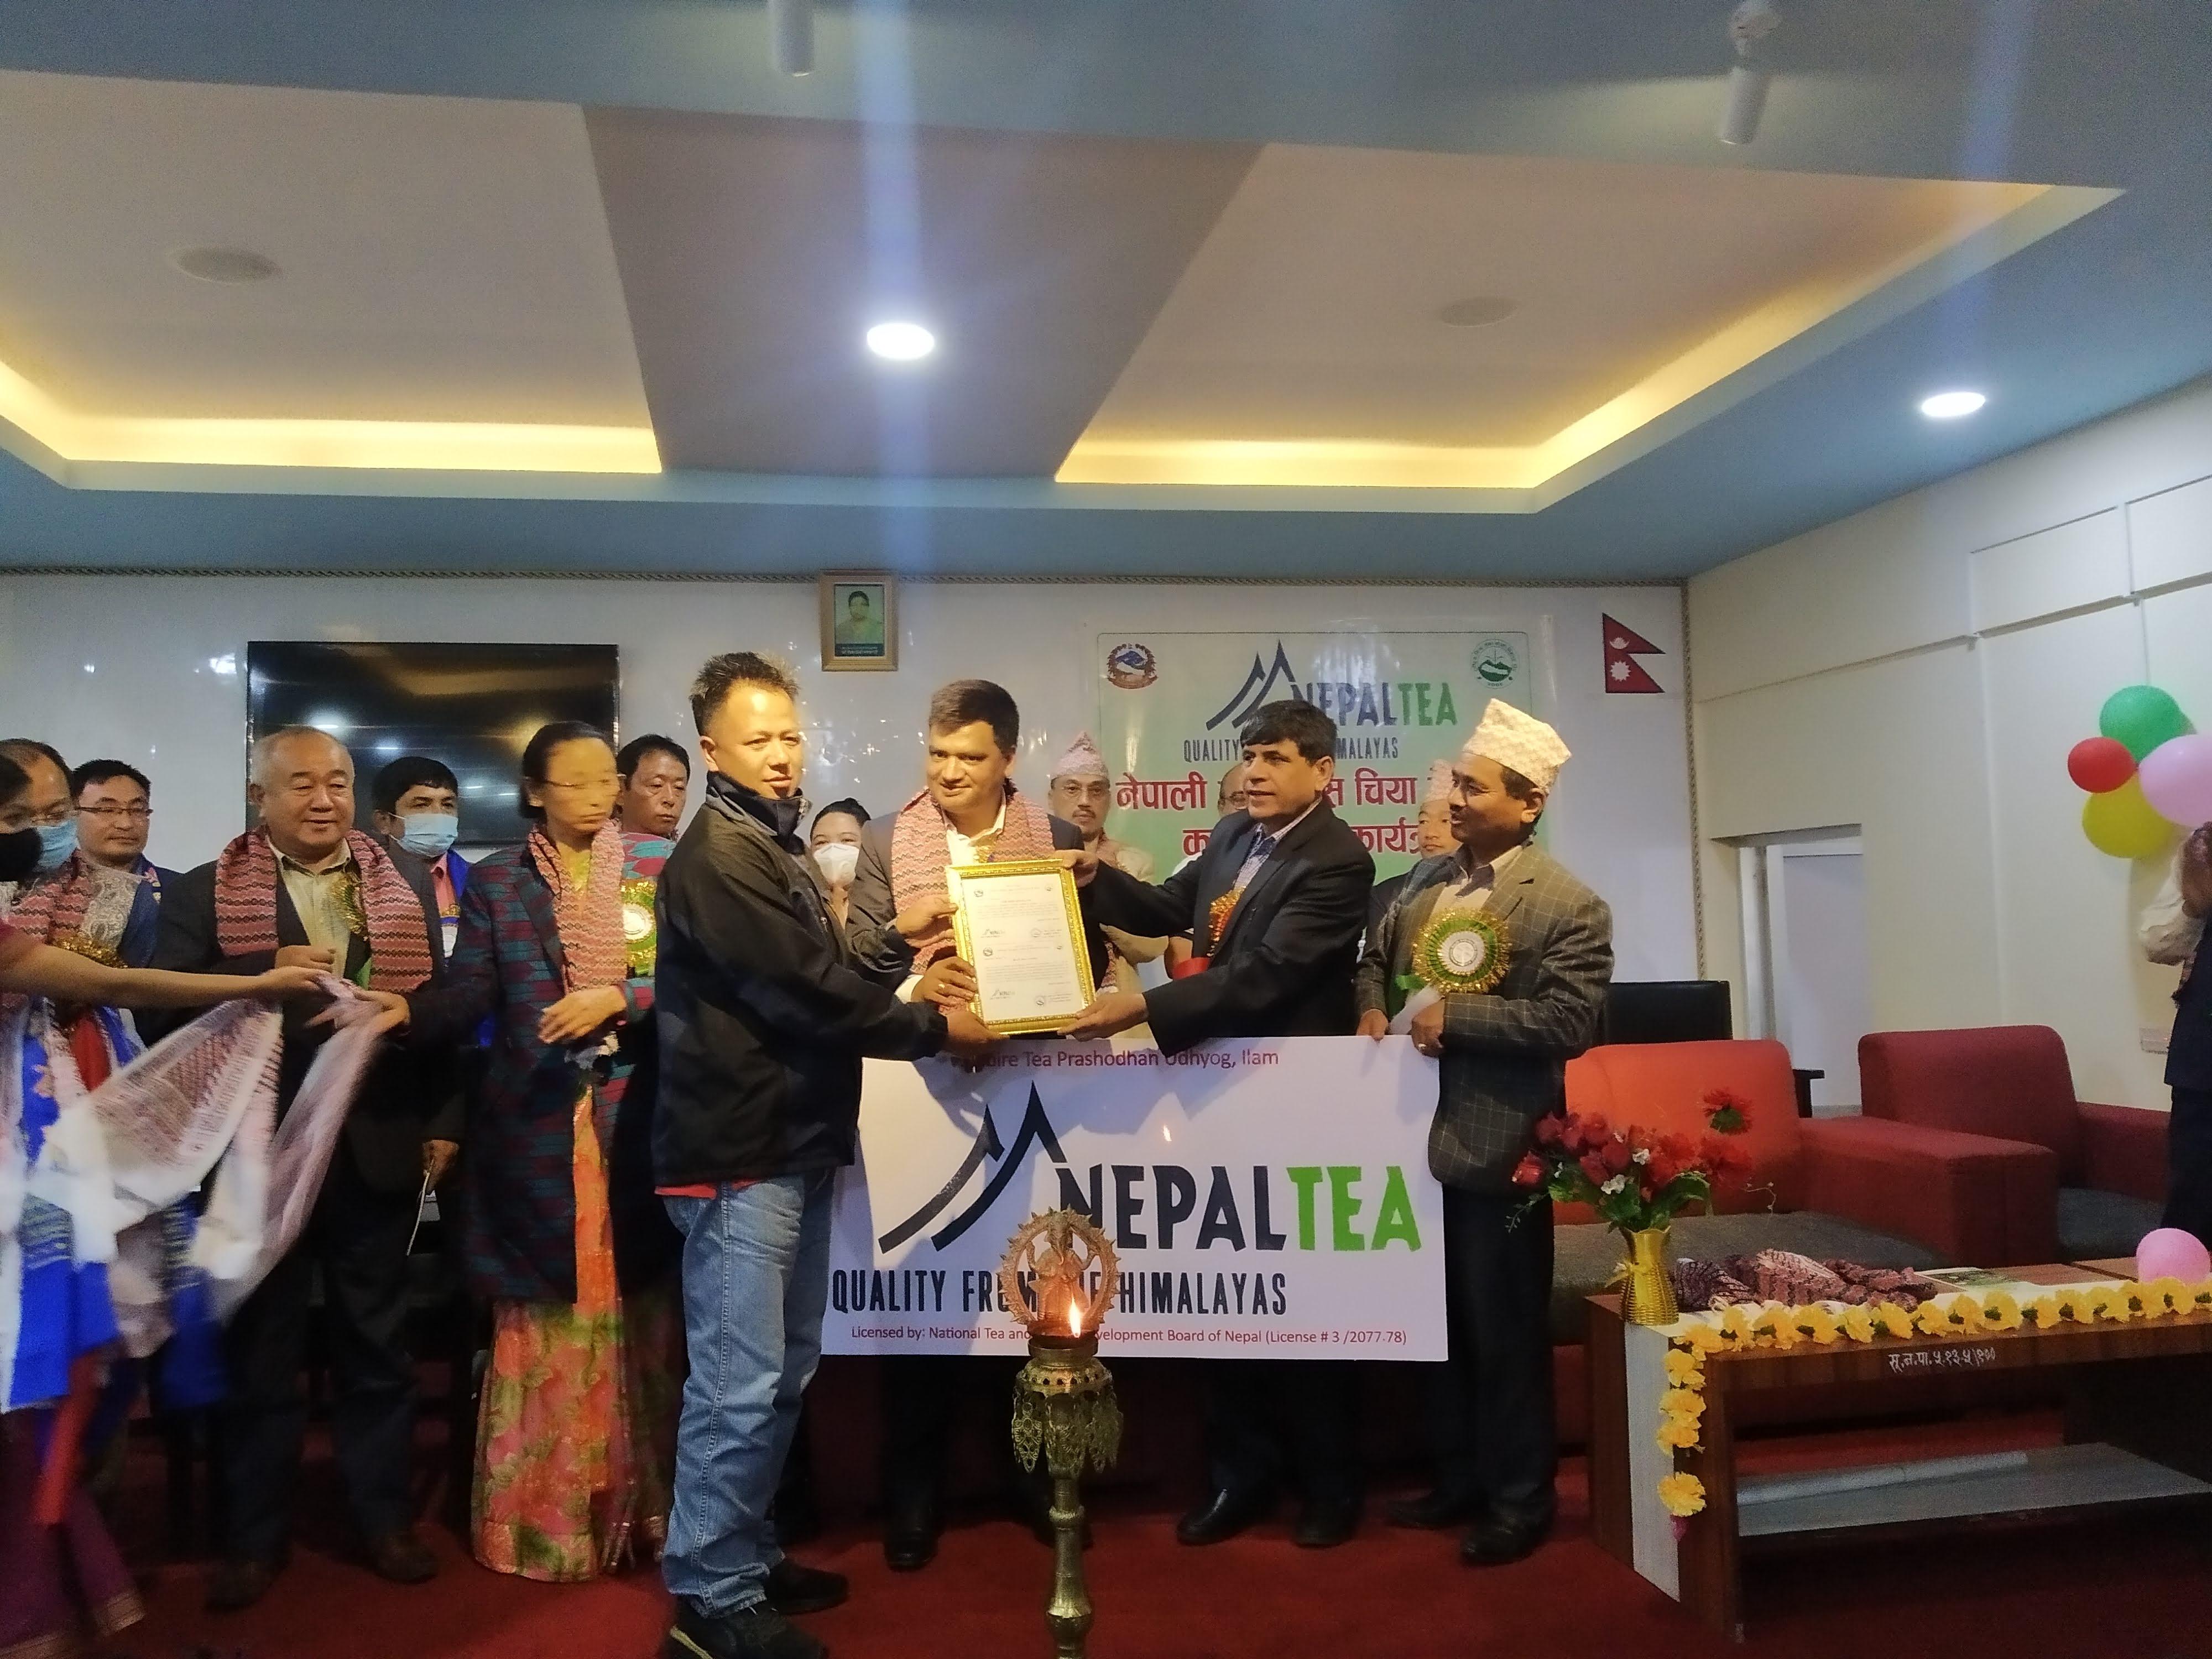 नेपाली चिया ट्रेडमार्क कार्यान्वयन कार्यक्रम